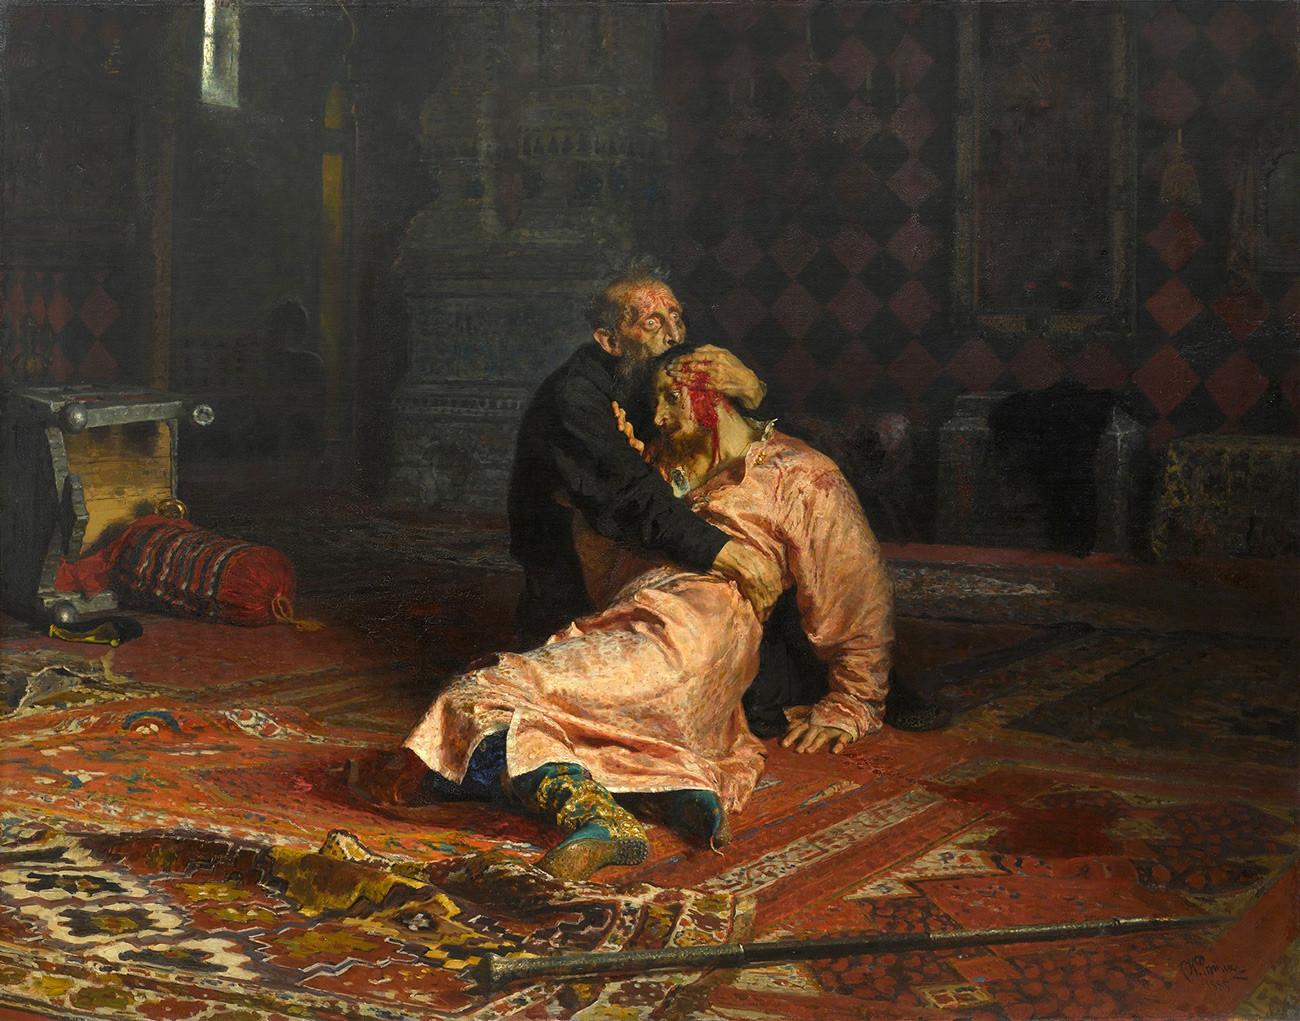 'Iván el Terrible y su hijo Iván, 16 de noviembre de 1581'.